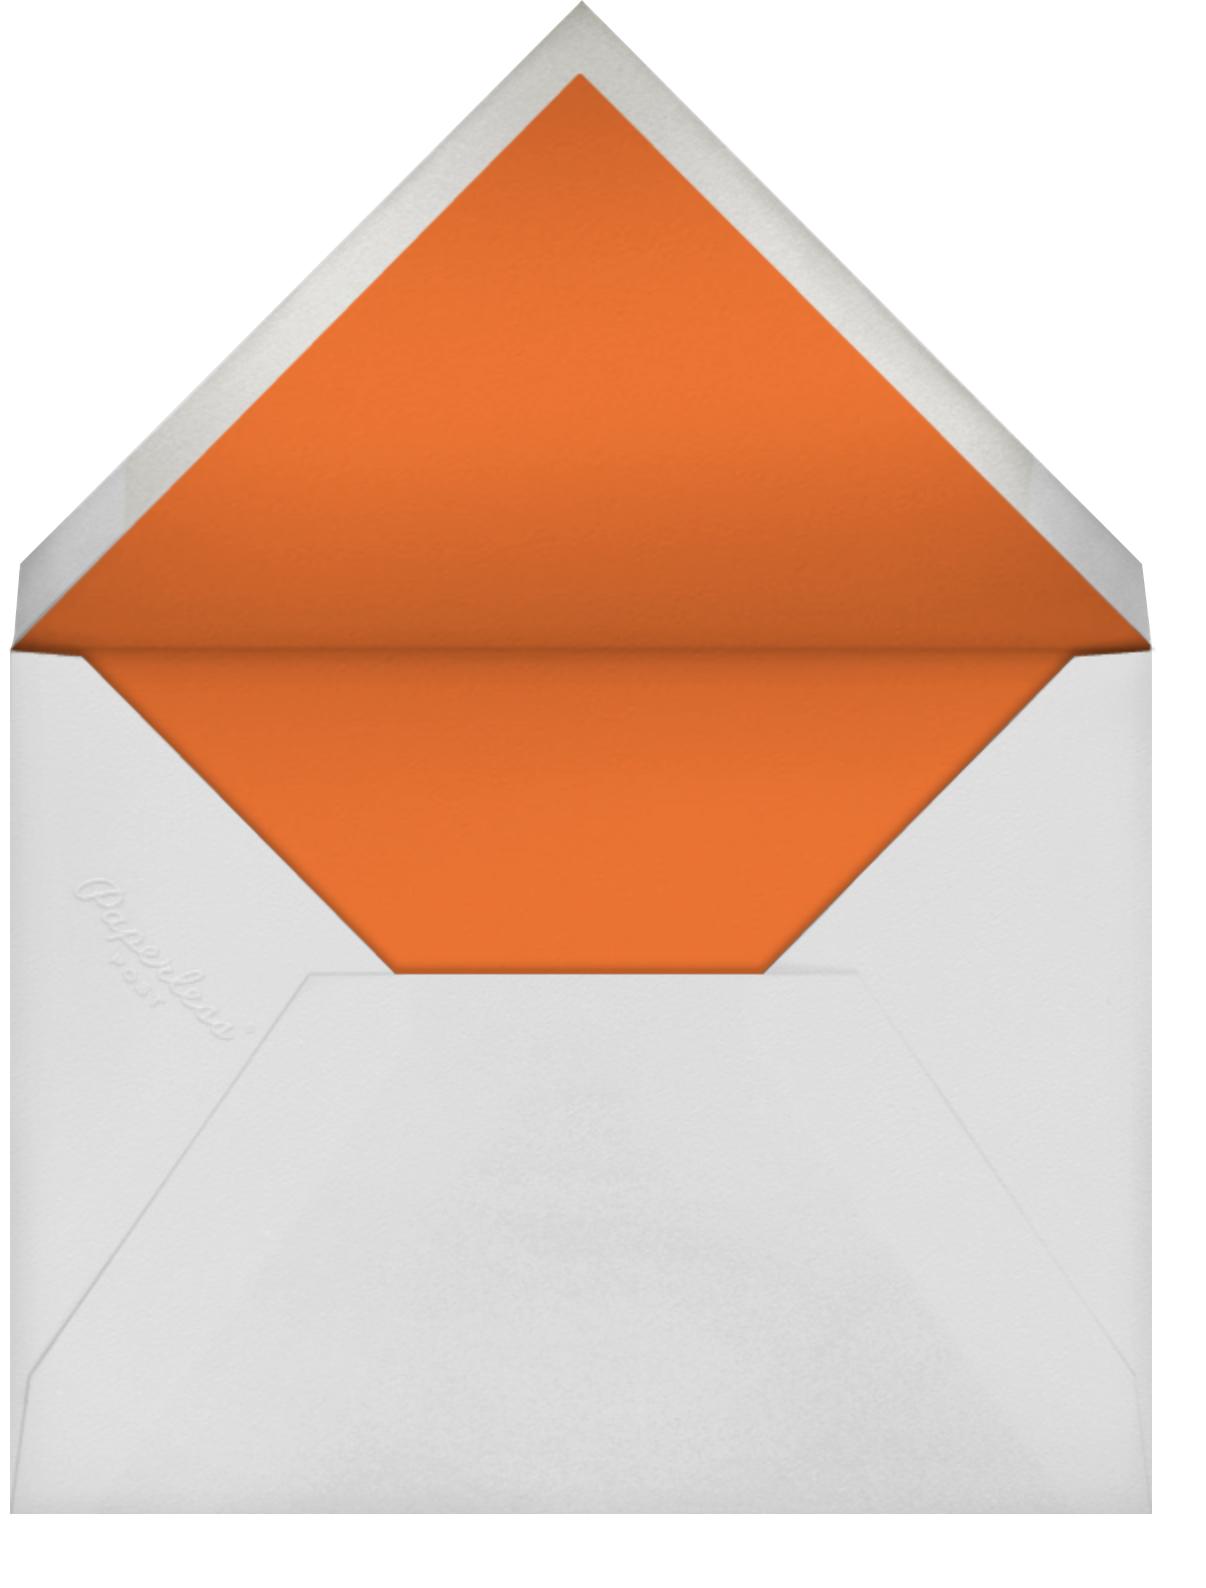 Veda - Pumpkin Valhrona - Paperless Post - Envelope